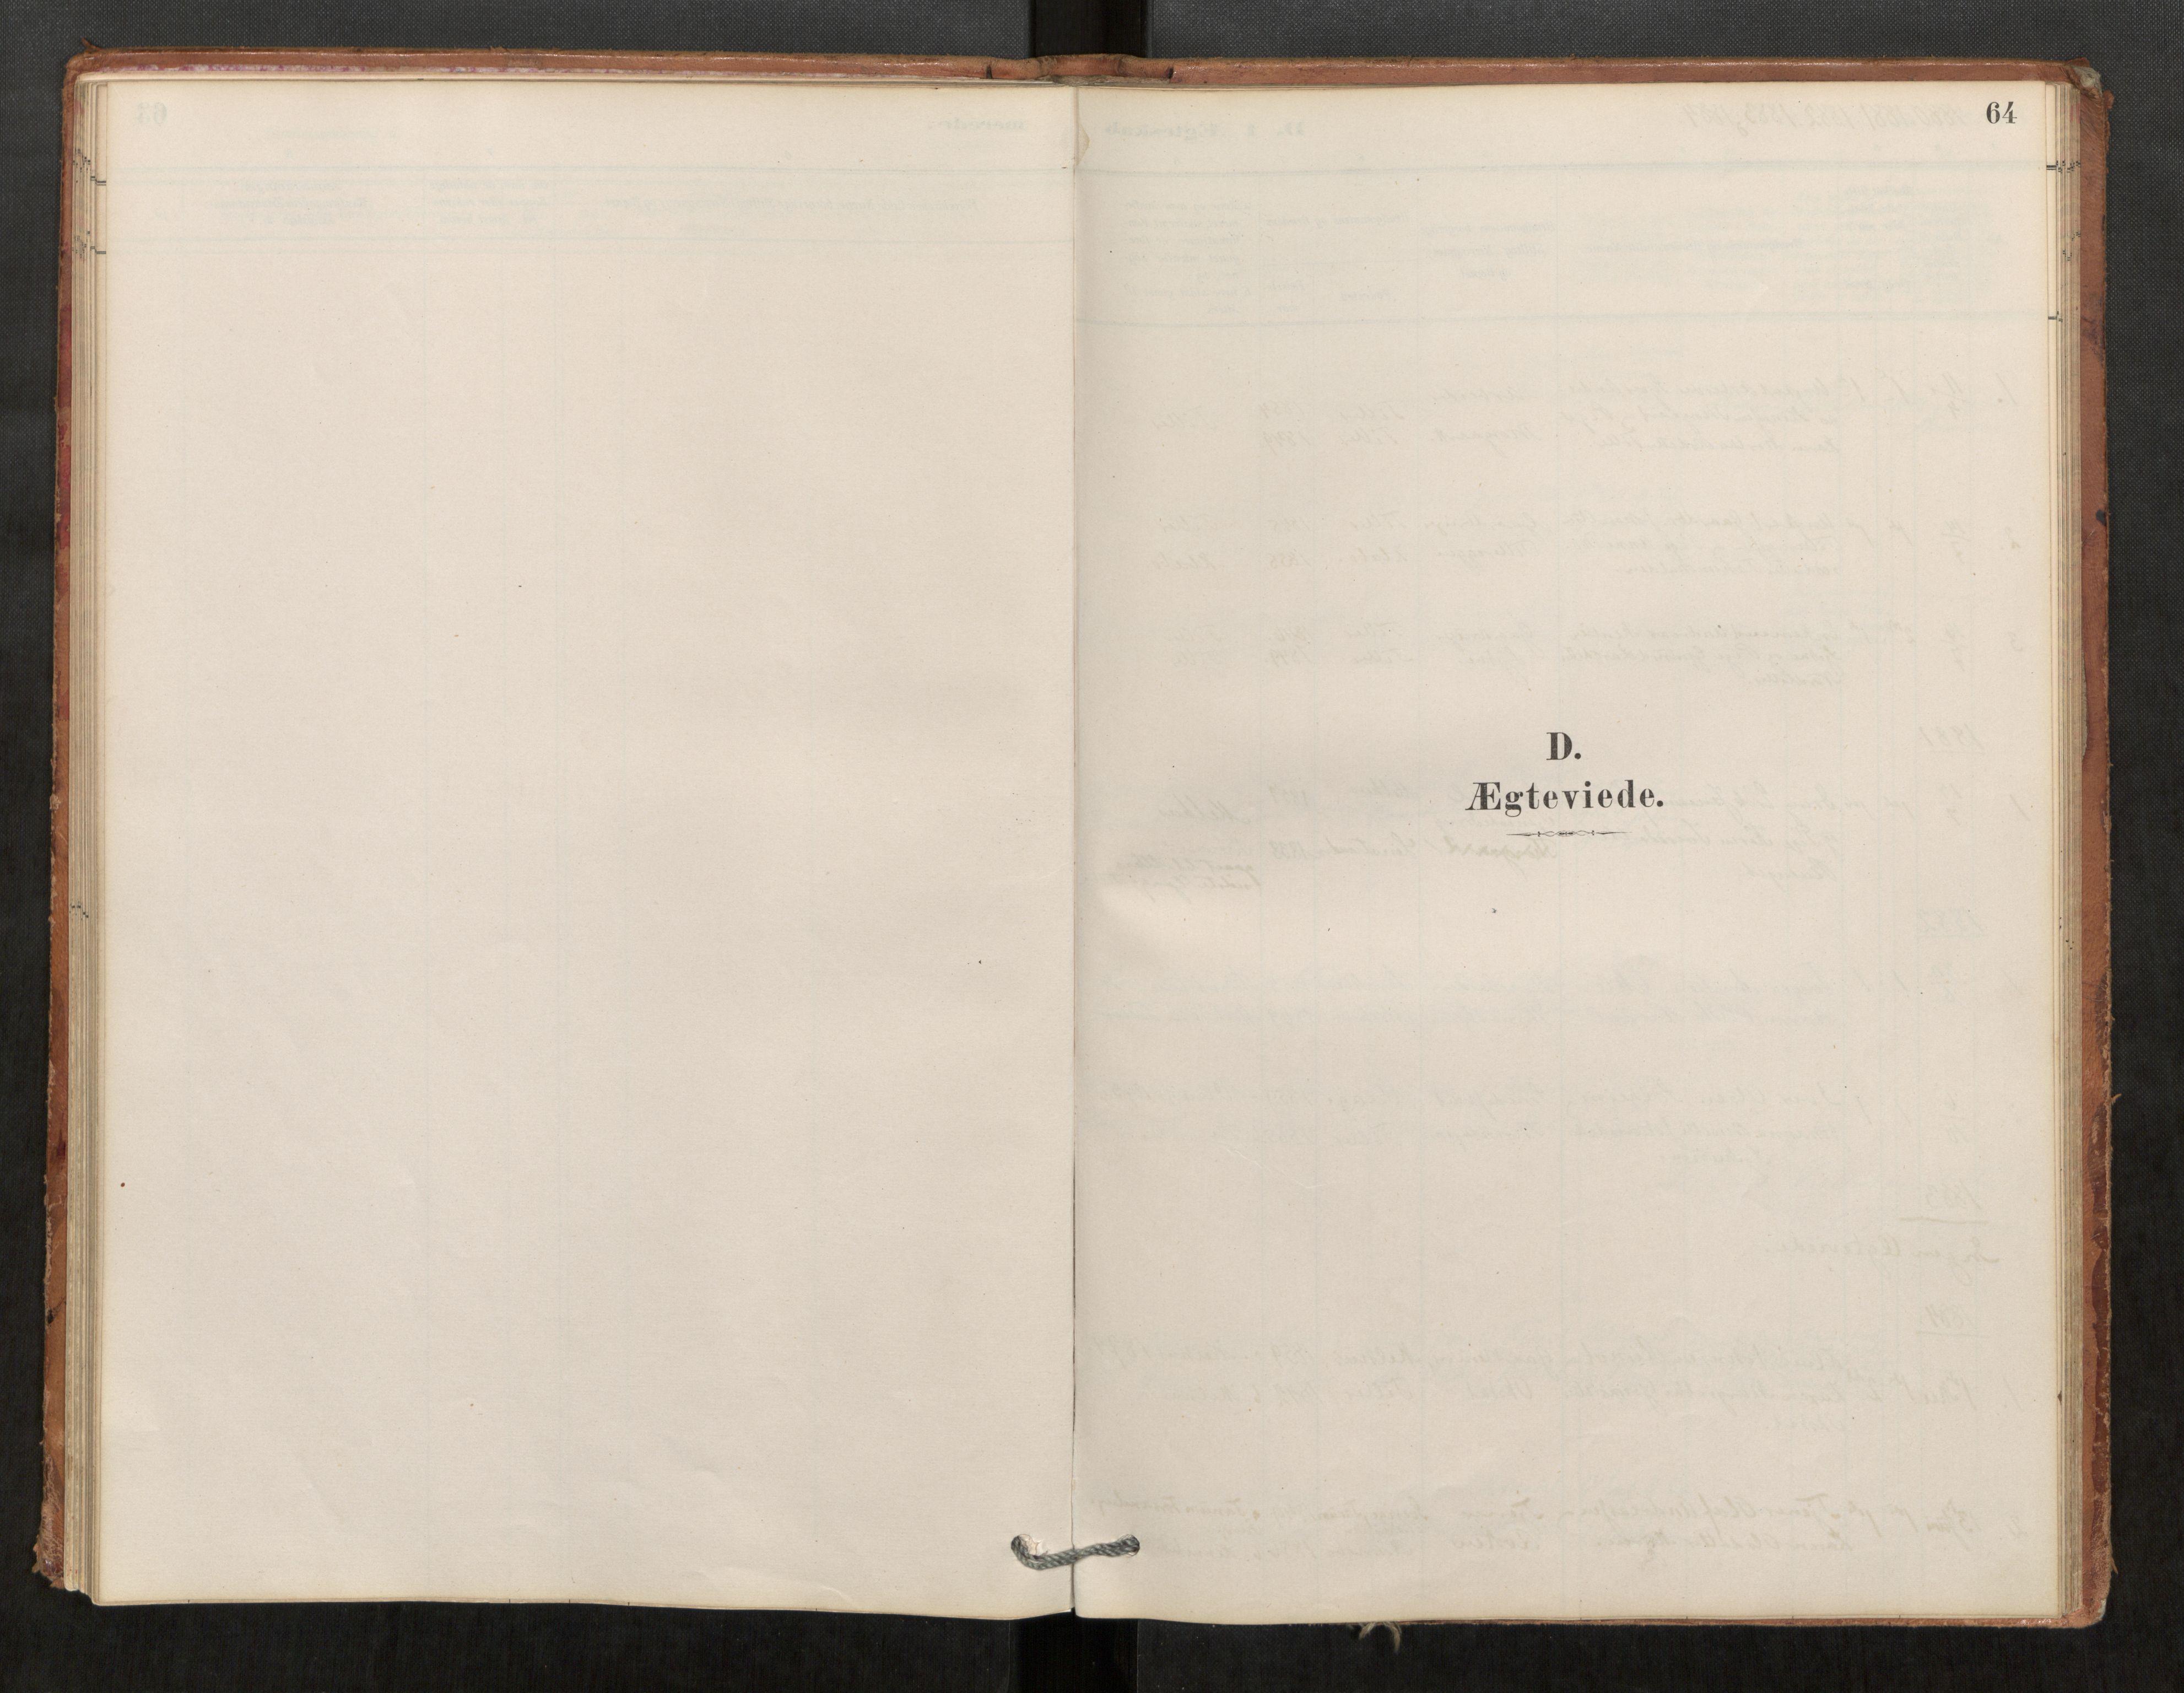 SAT, Klæbu sokneprestkontor, Parish register (official) no. 1, 1880-1900, p. 64